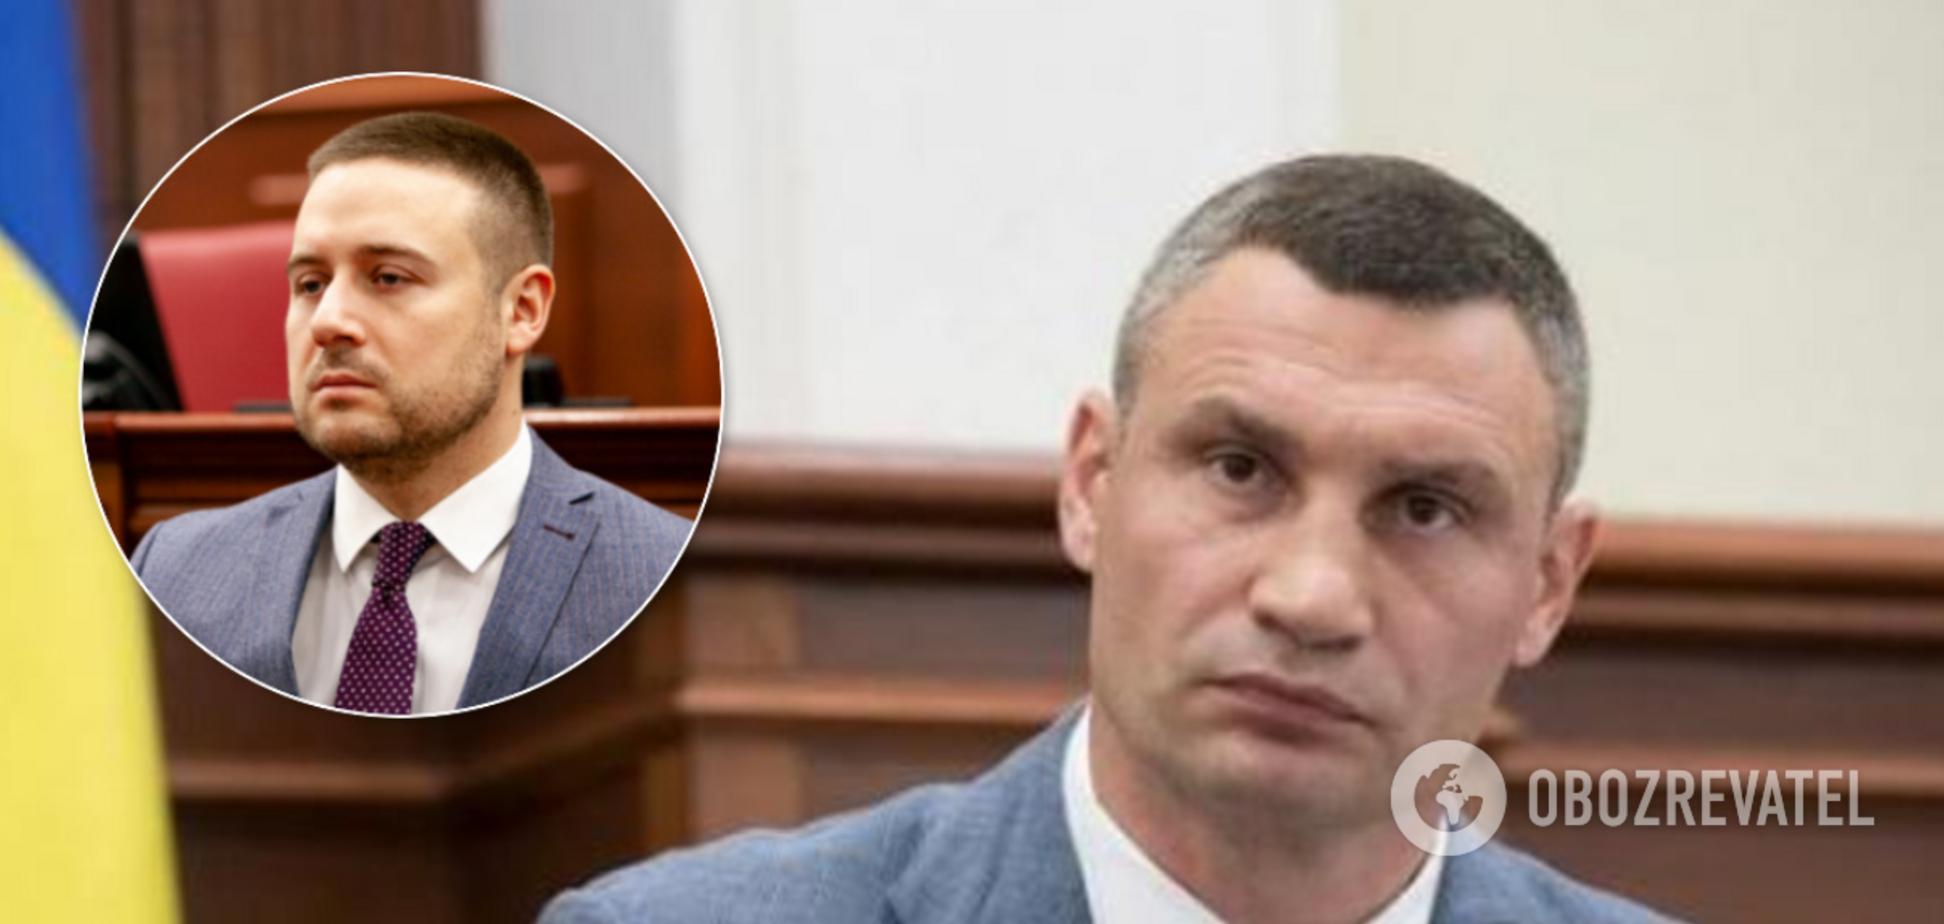 Кличко уволил Слончака после громкого задержания за драку с полицией